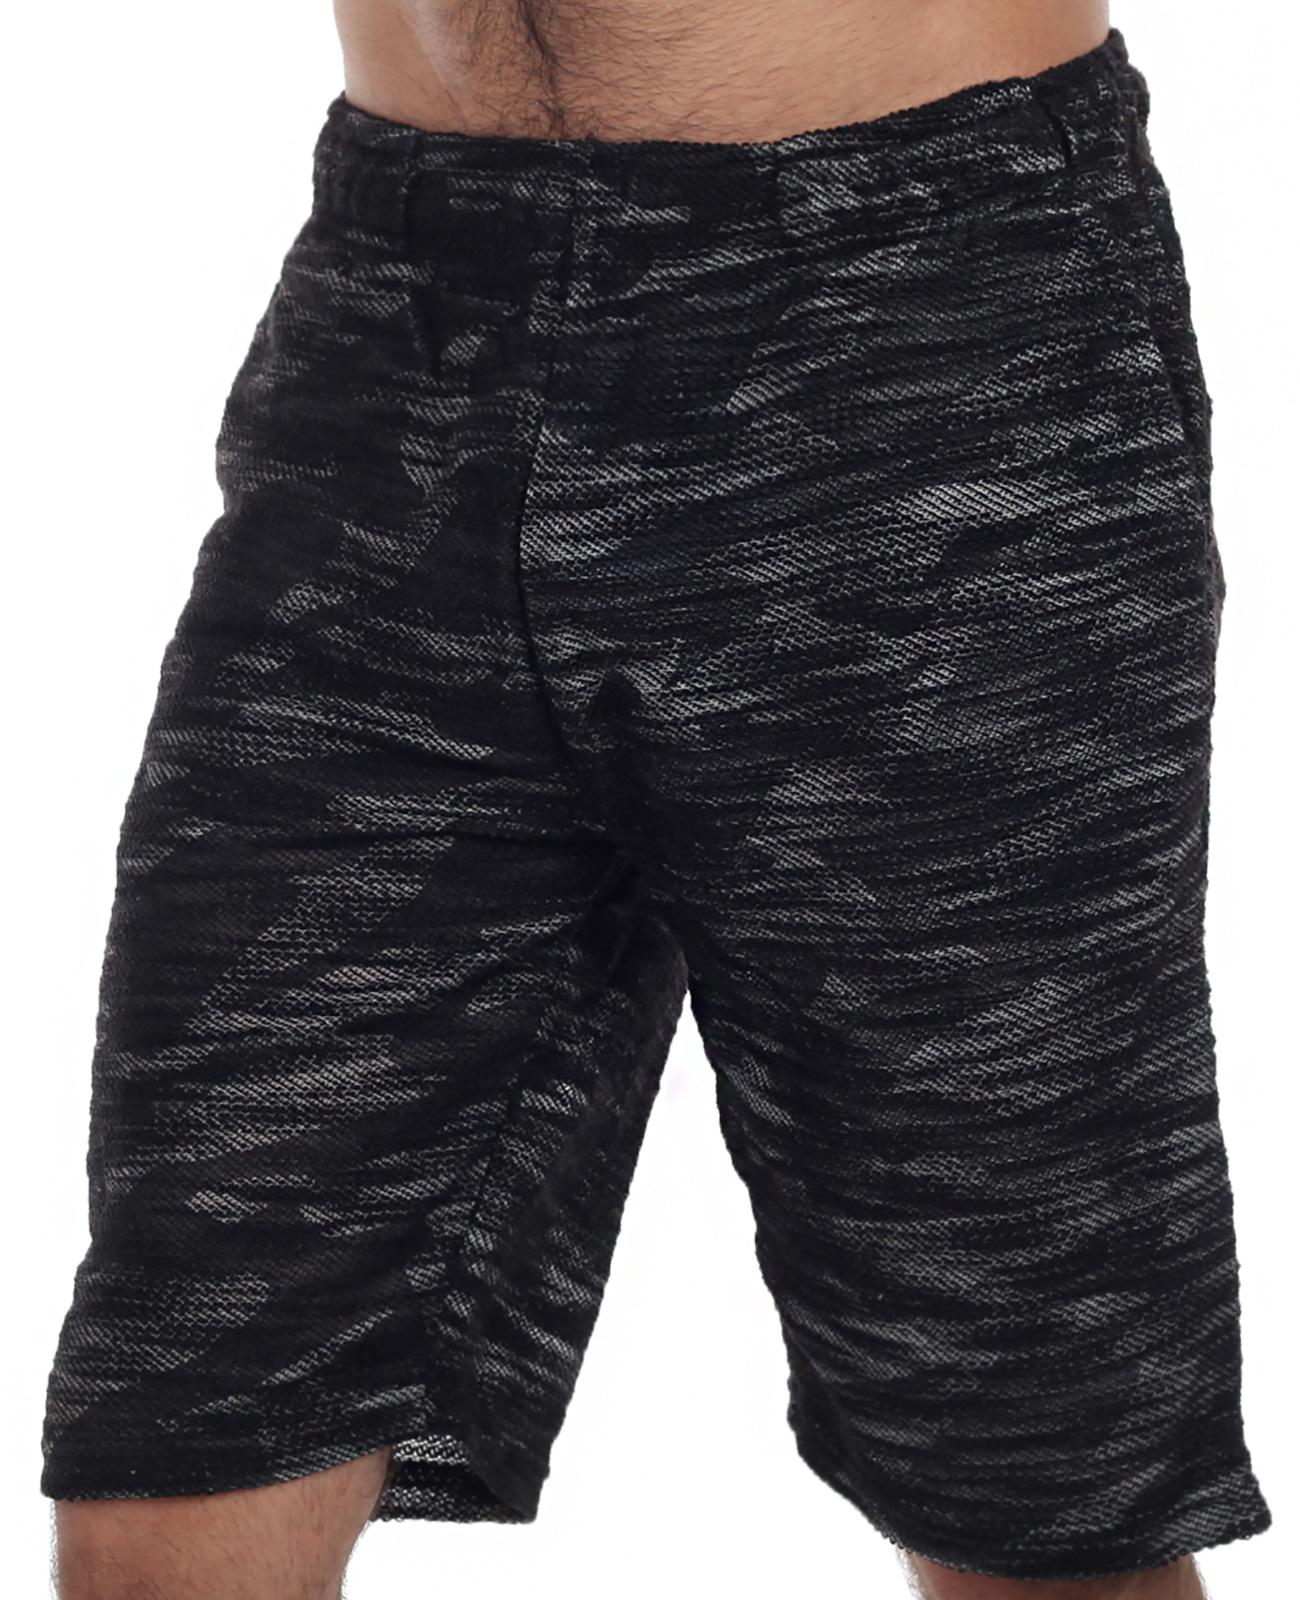 Купить мужские зимние шорты по цене 699 рублей! Опту скидки!